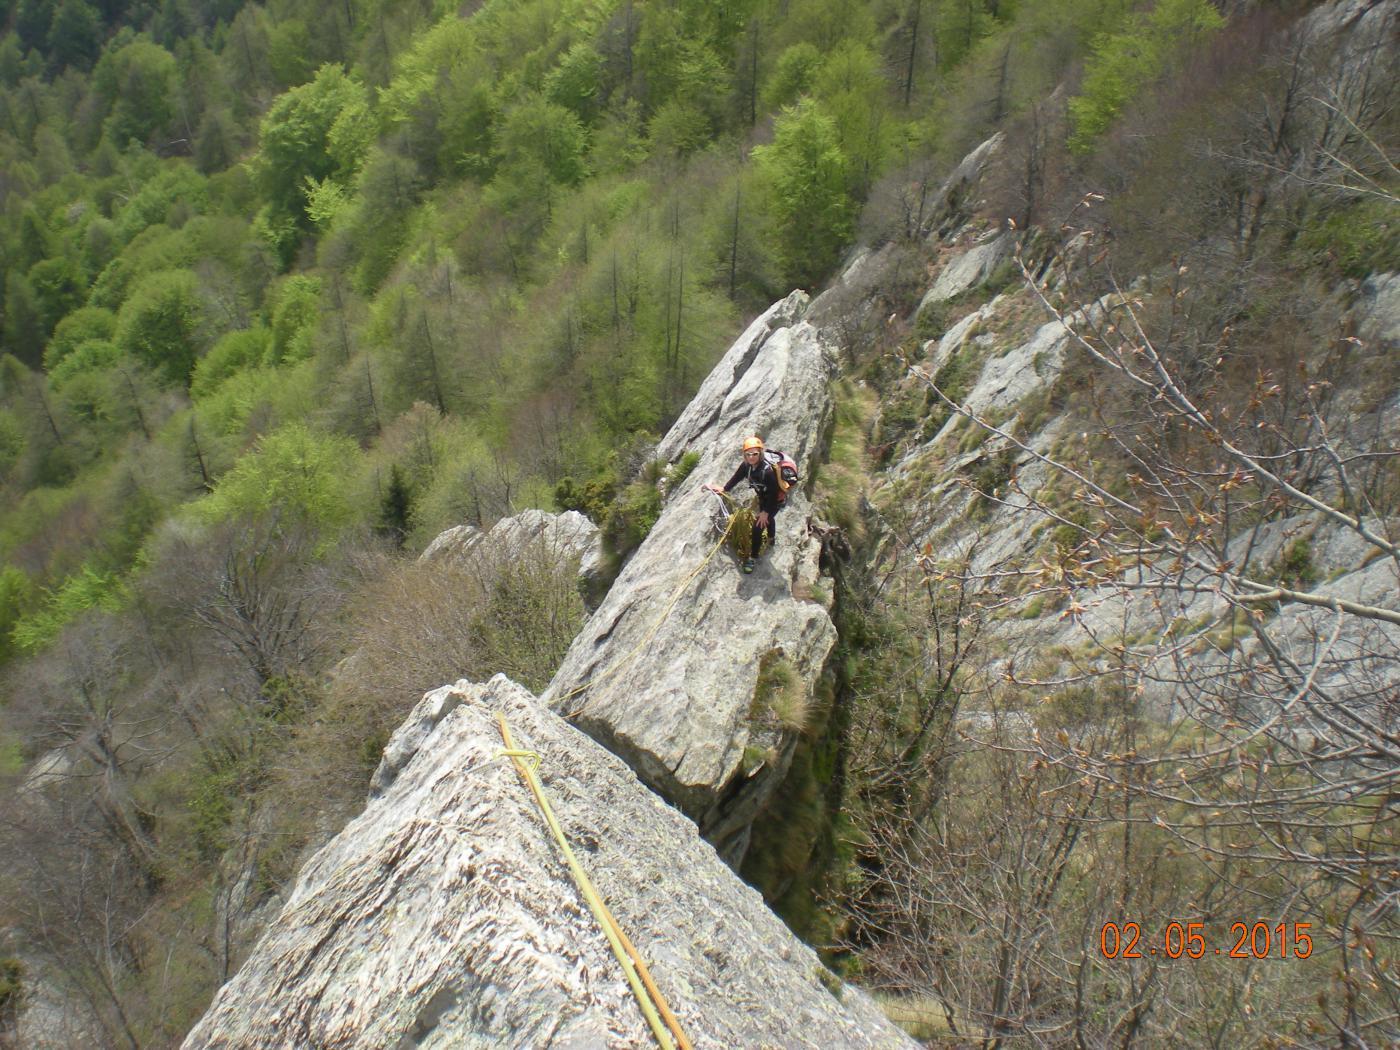 la sosta del quinto tiro dall'alto (arrampicata facile ma su spigolo aereo)